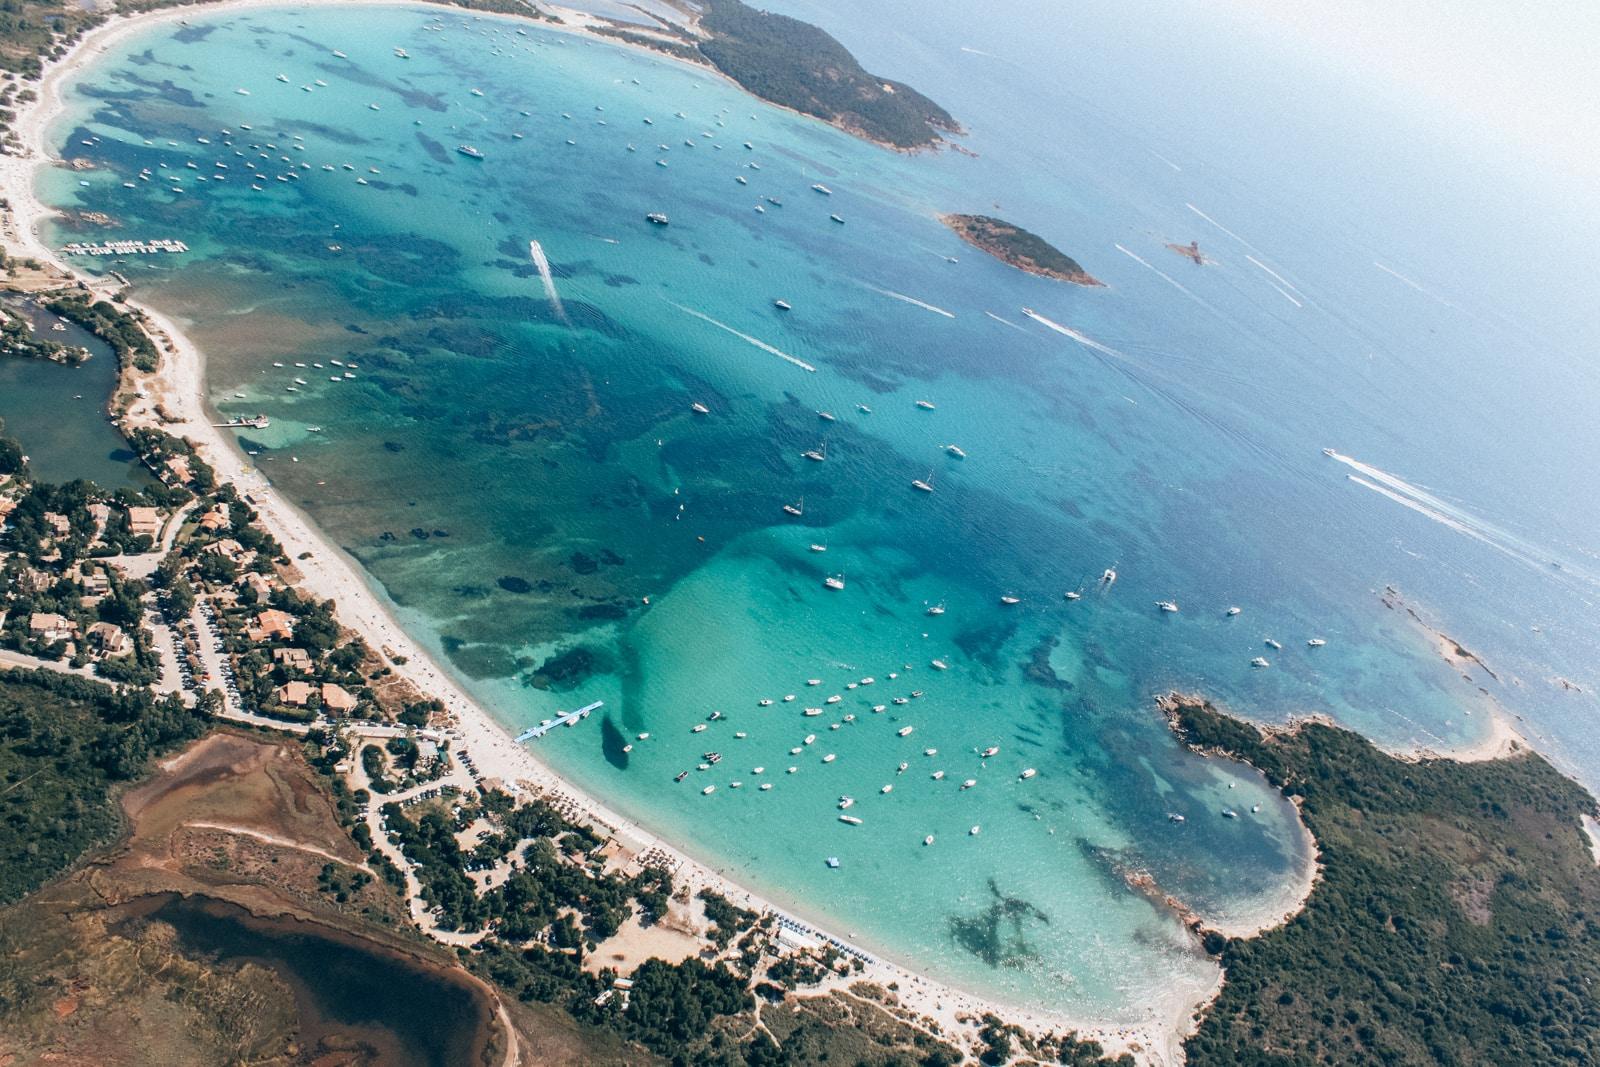 IMG 2302 - Corse du sud : Mes conseils, choses à voir, adresses...